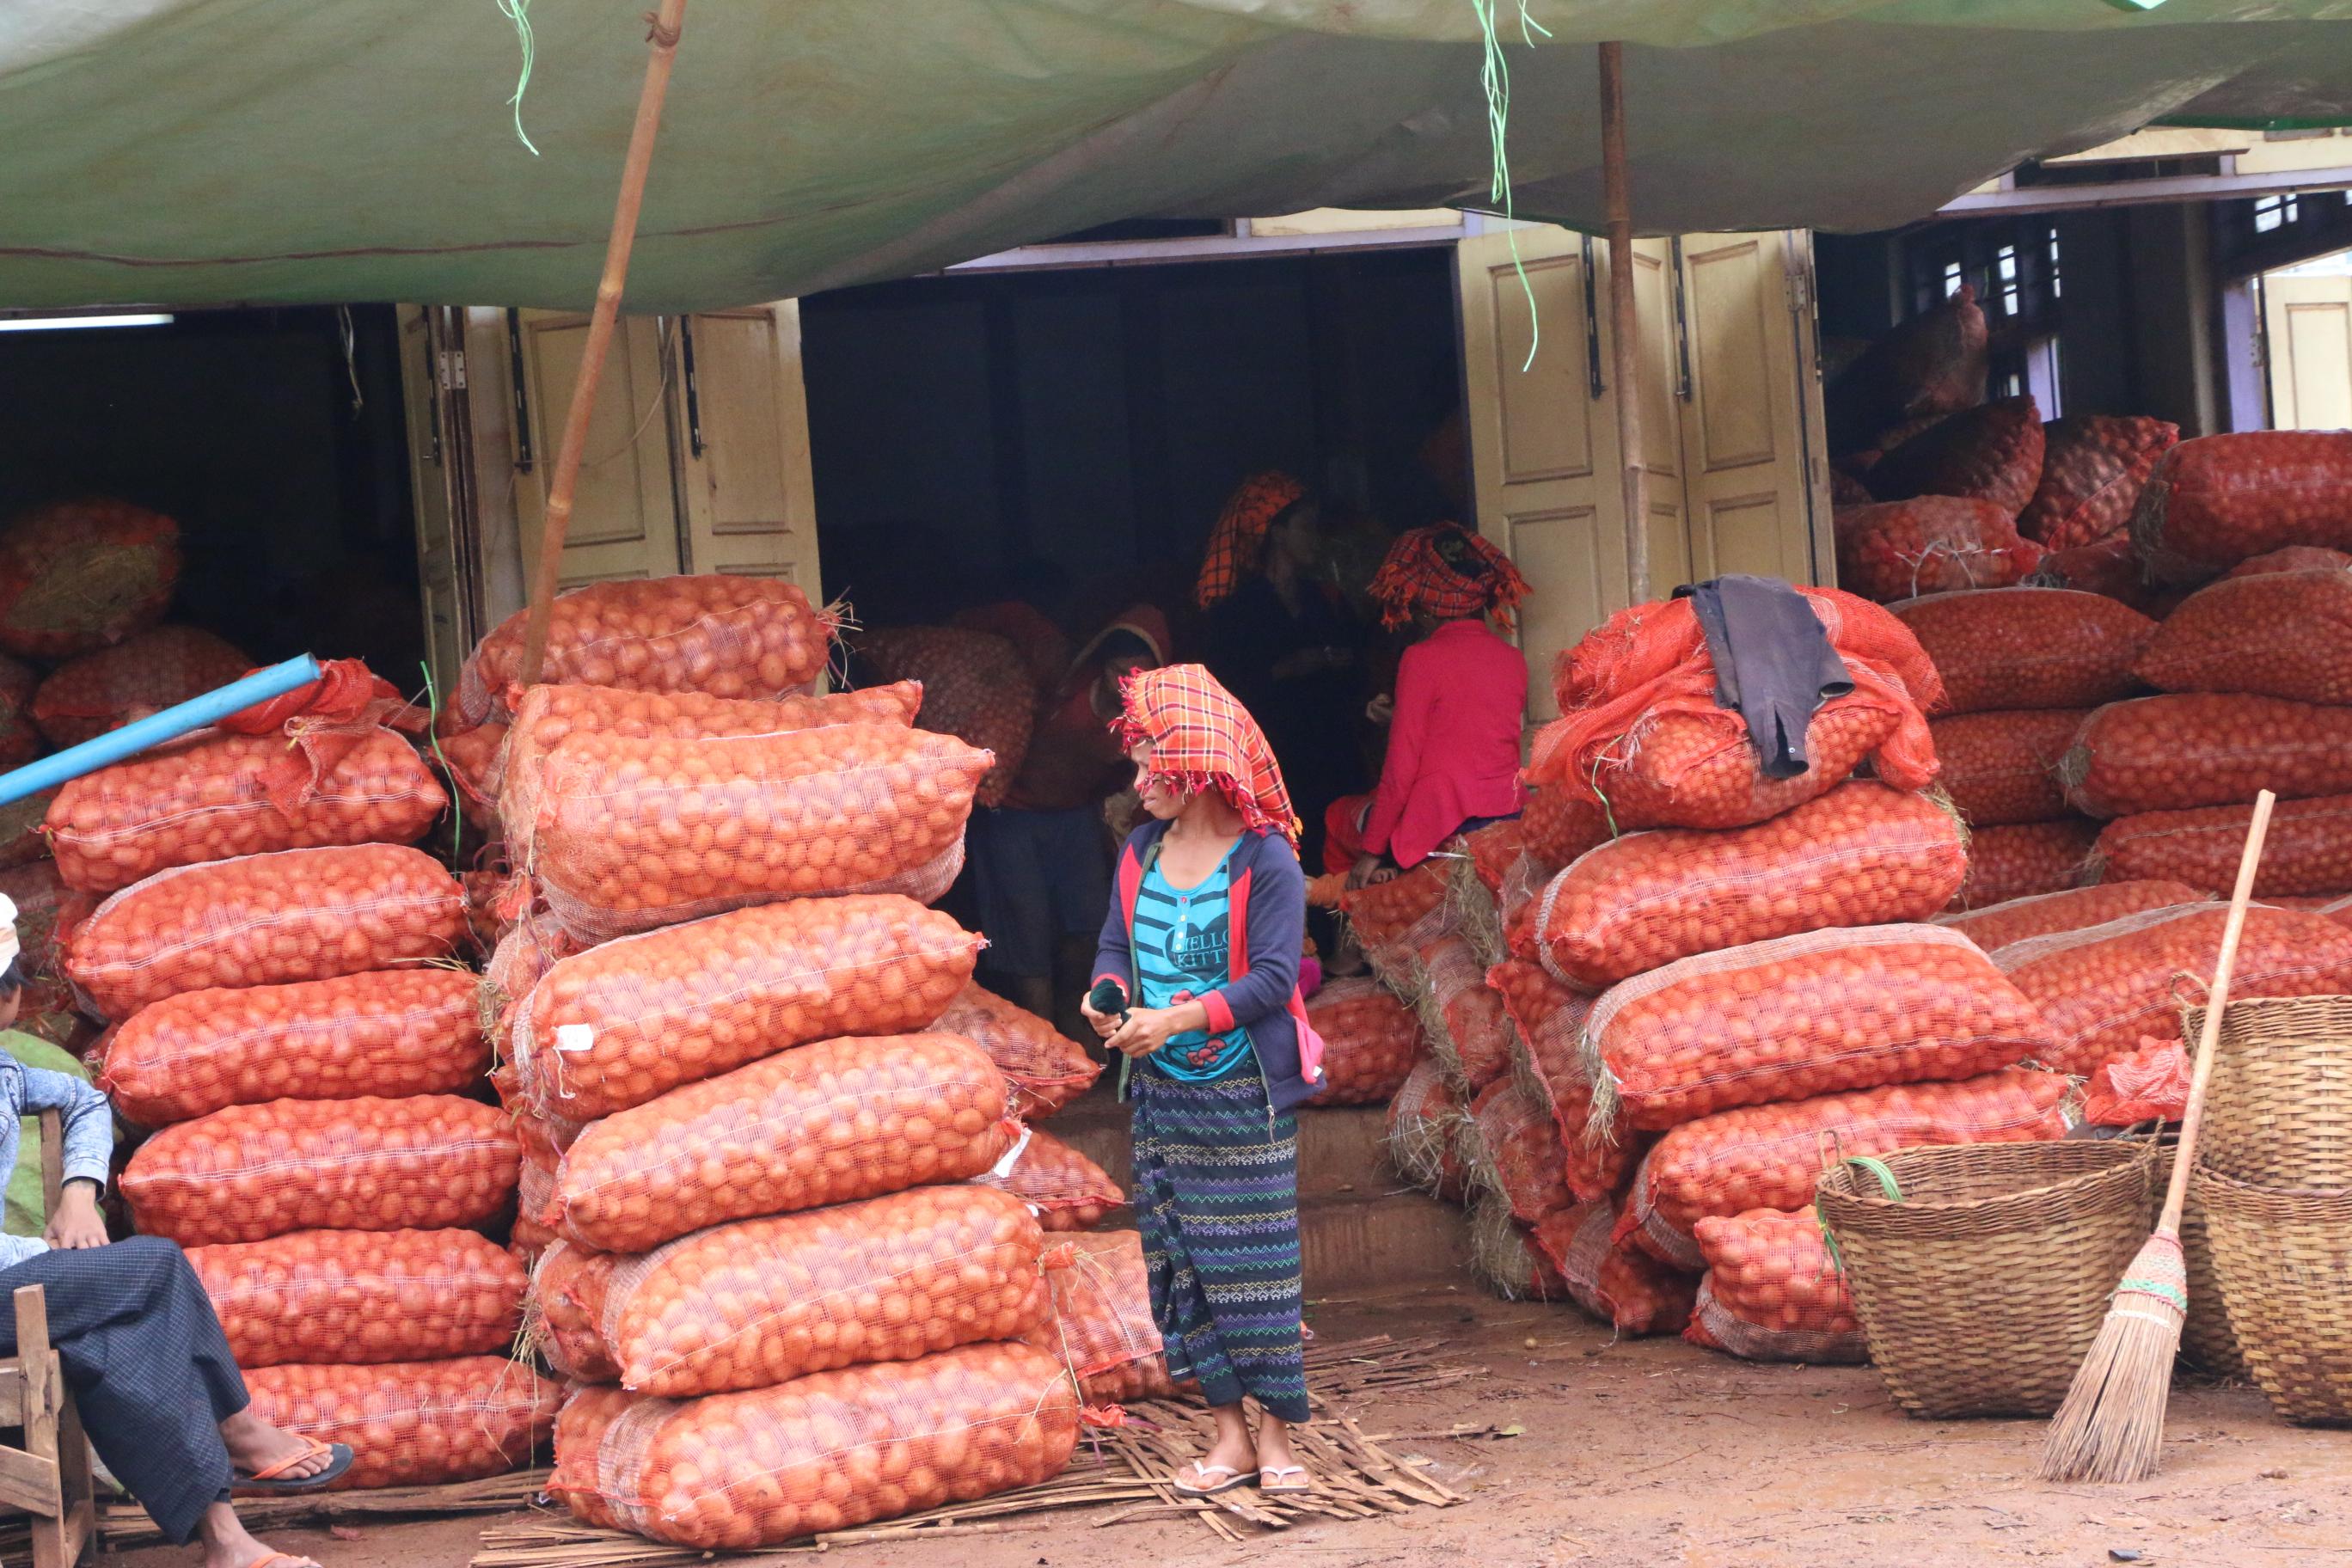 ပြည်တွင်းဈေးကွက်အတွက် အာလူးဧက ၁၀၀ ကို GAP စနစ်ဖြင့် စိုက်ပျိုးထား